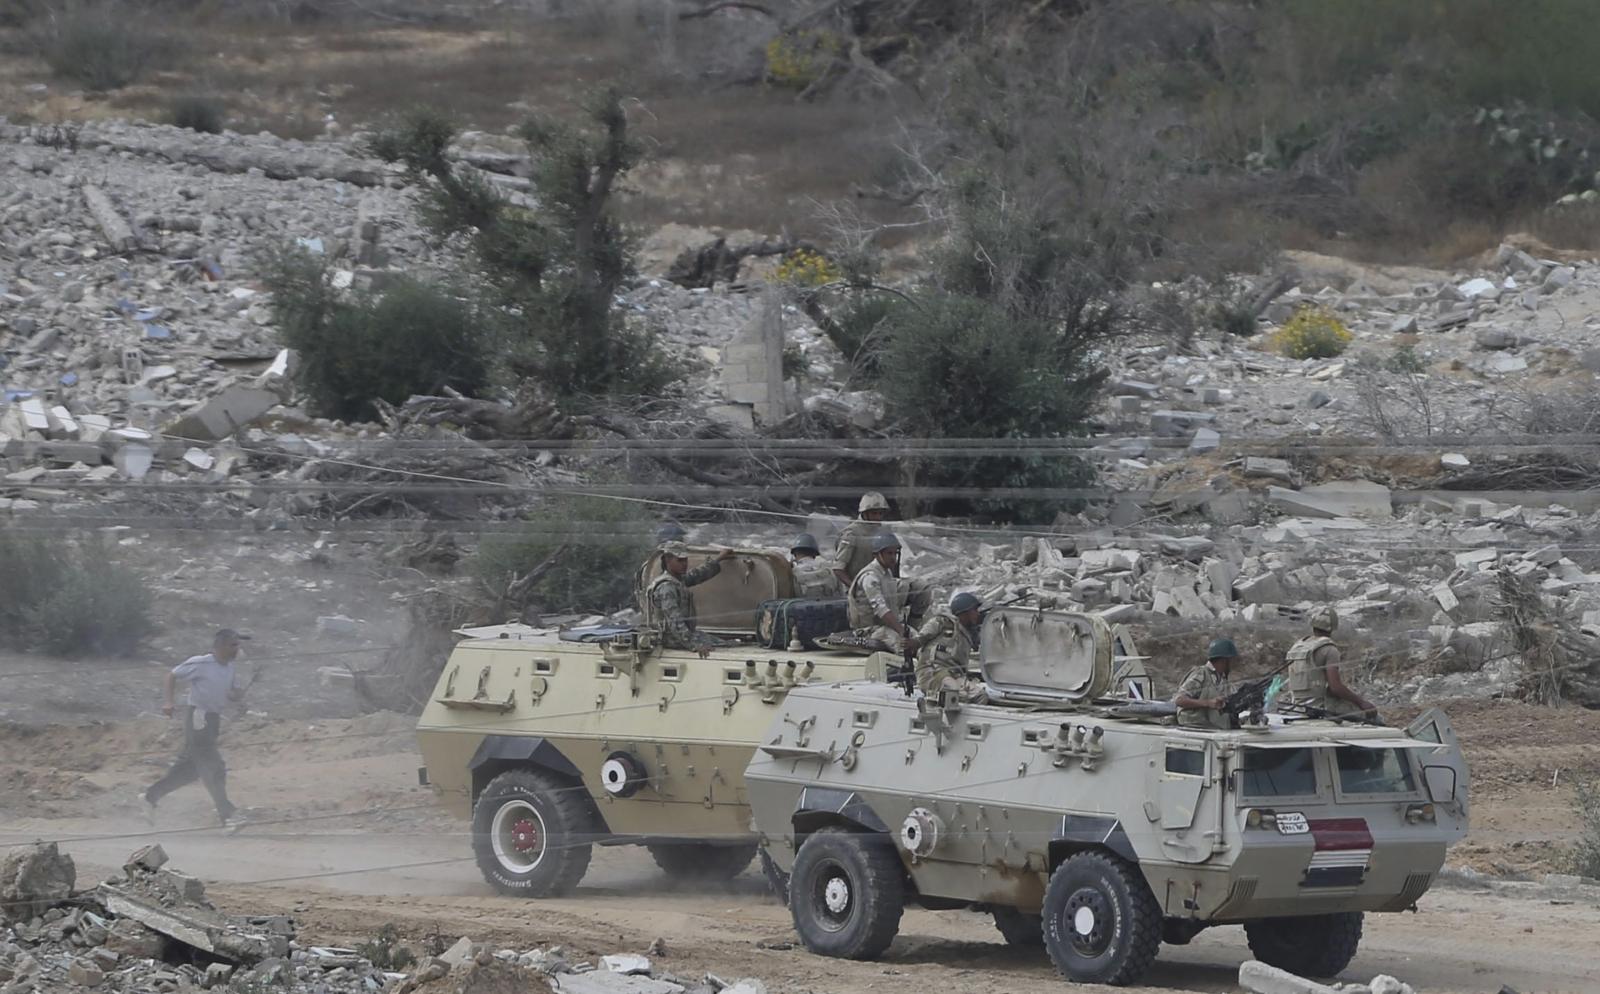 Egypt Sinai attack